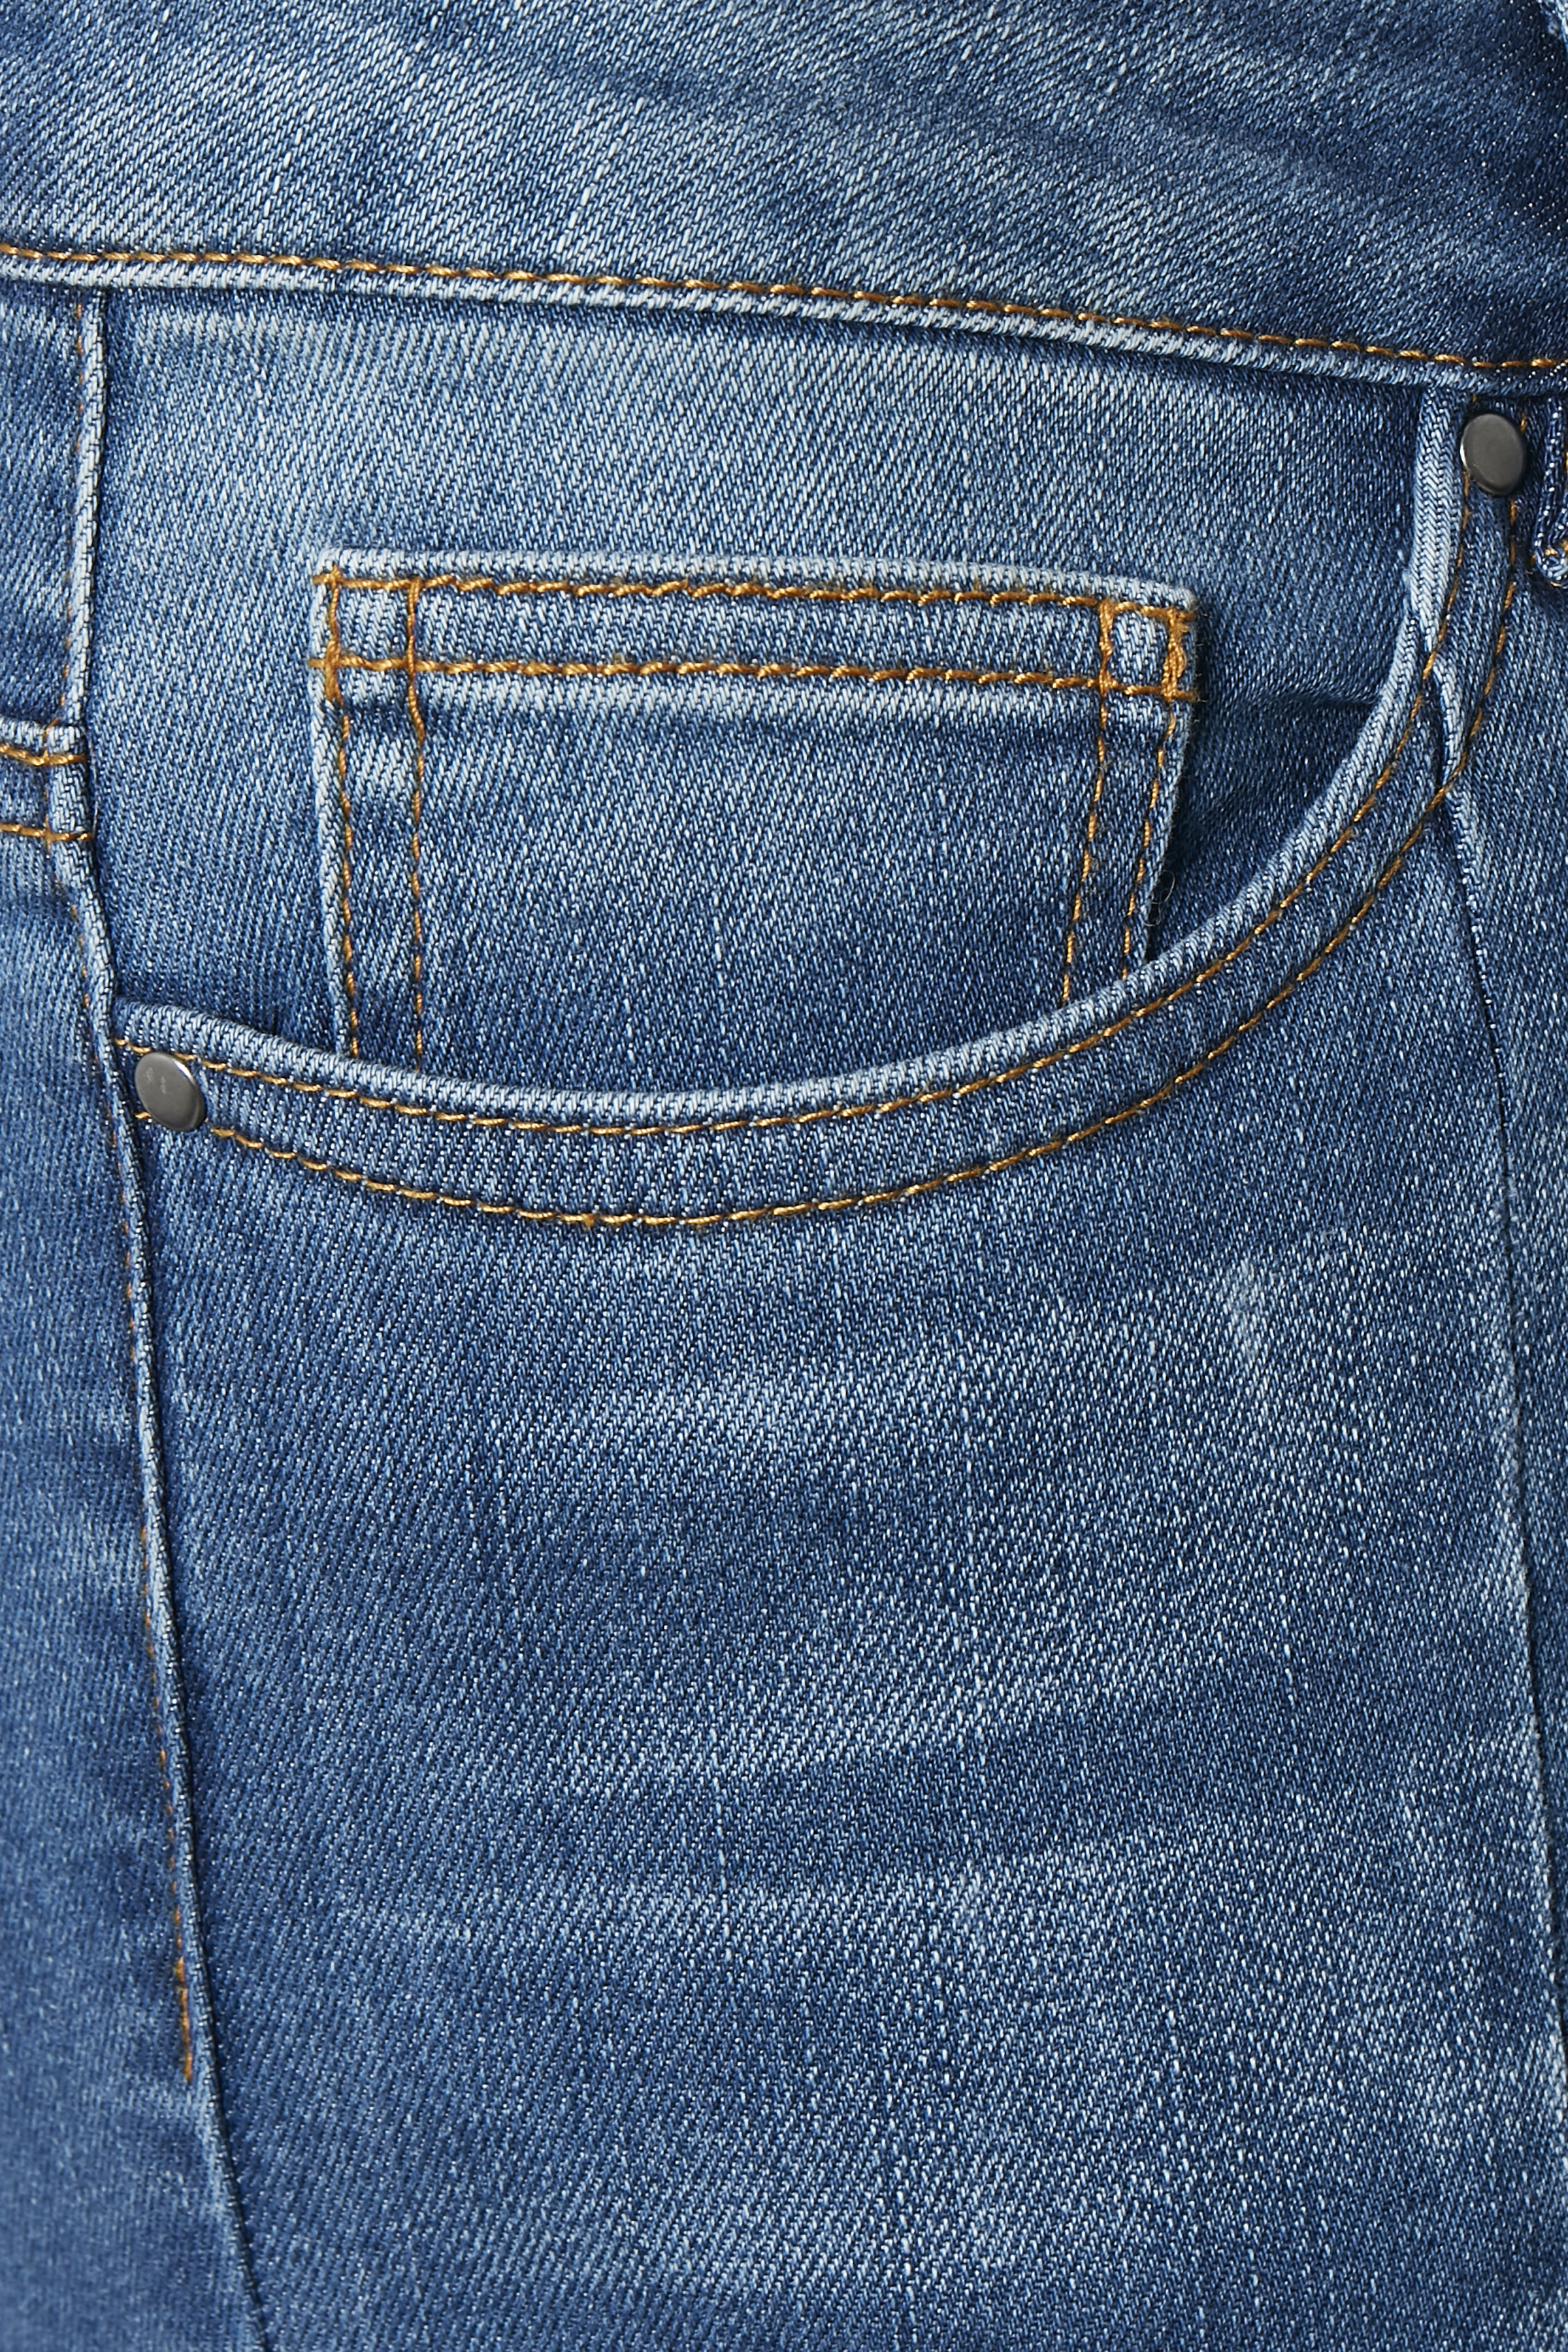 Denimblå Denimbyxa från Kaffe – Köp Denimblå Denimbyxa från stl. 34-46 här